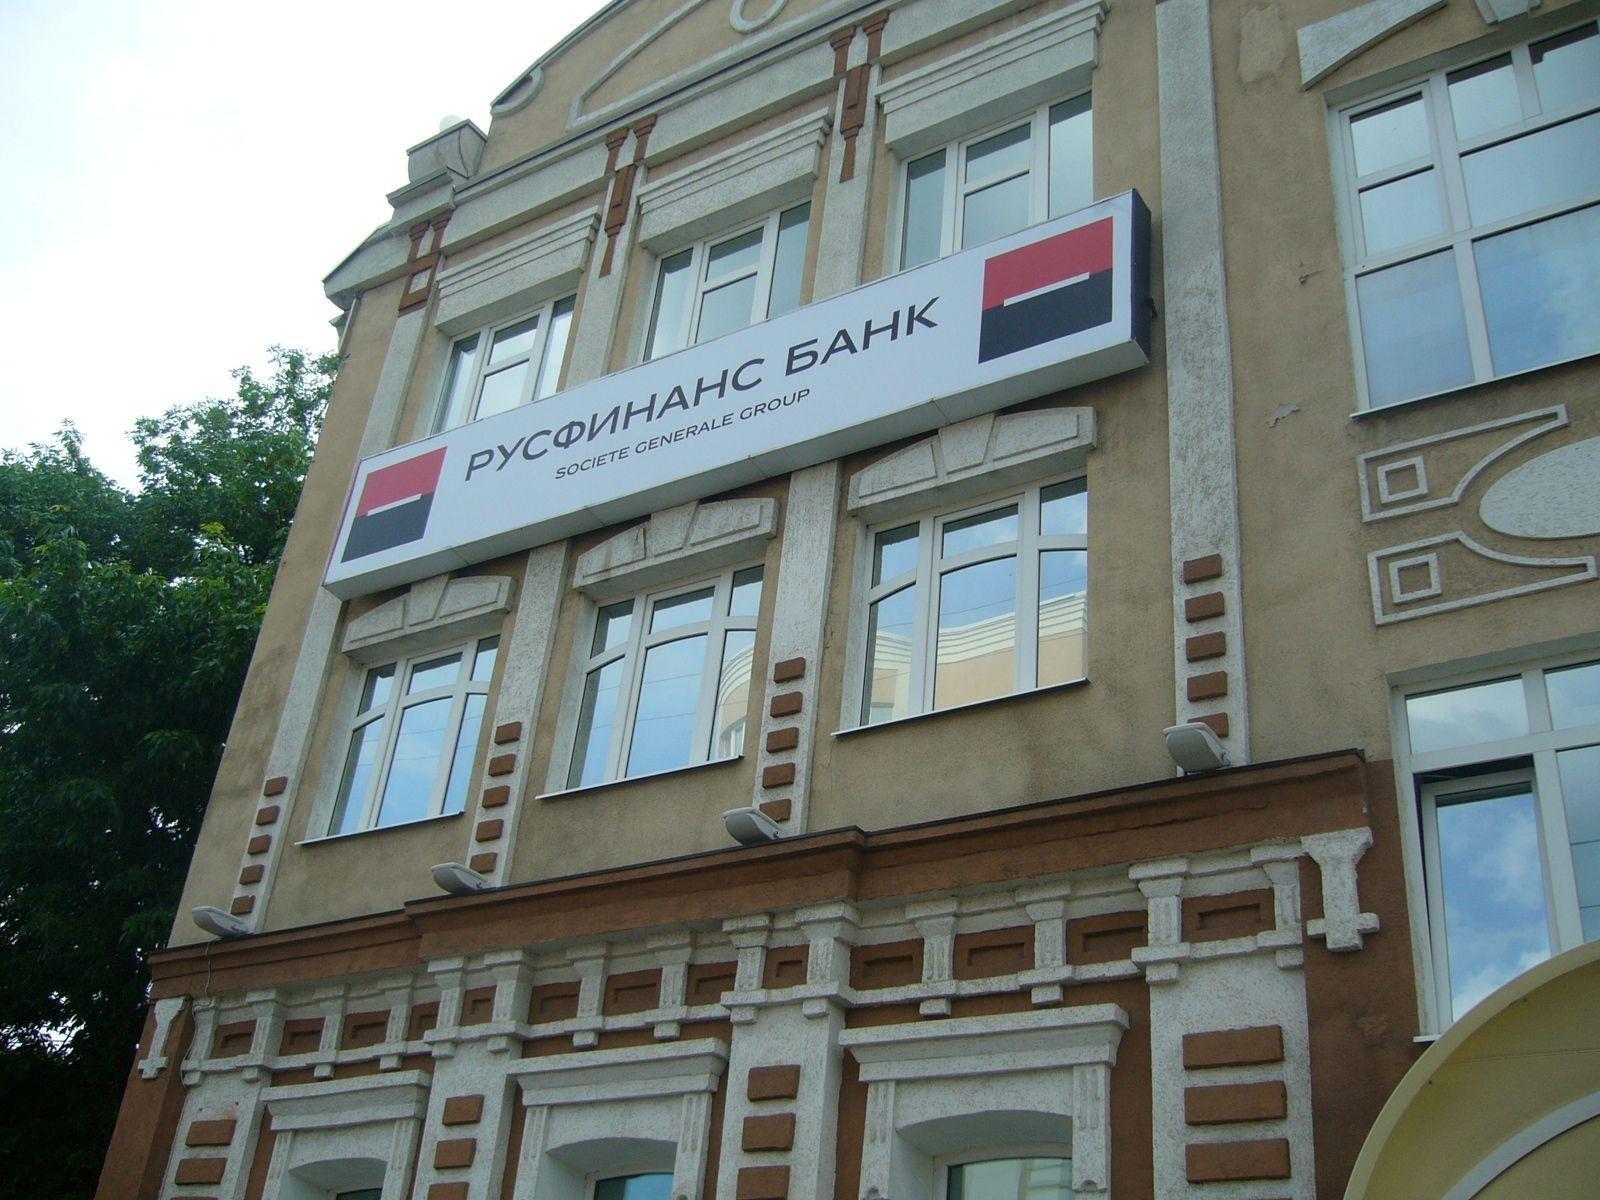 Взять кредит русфинанс банк